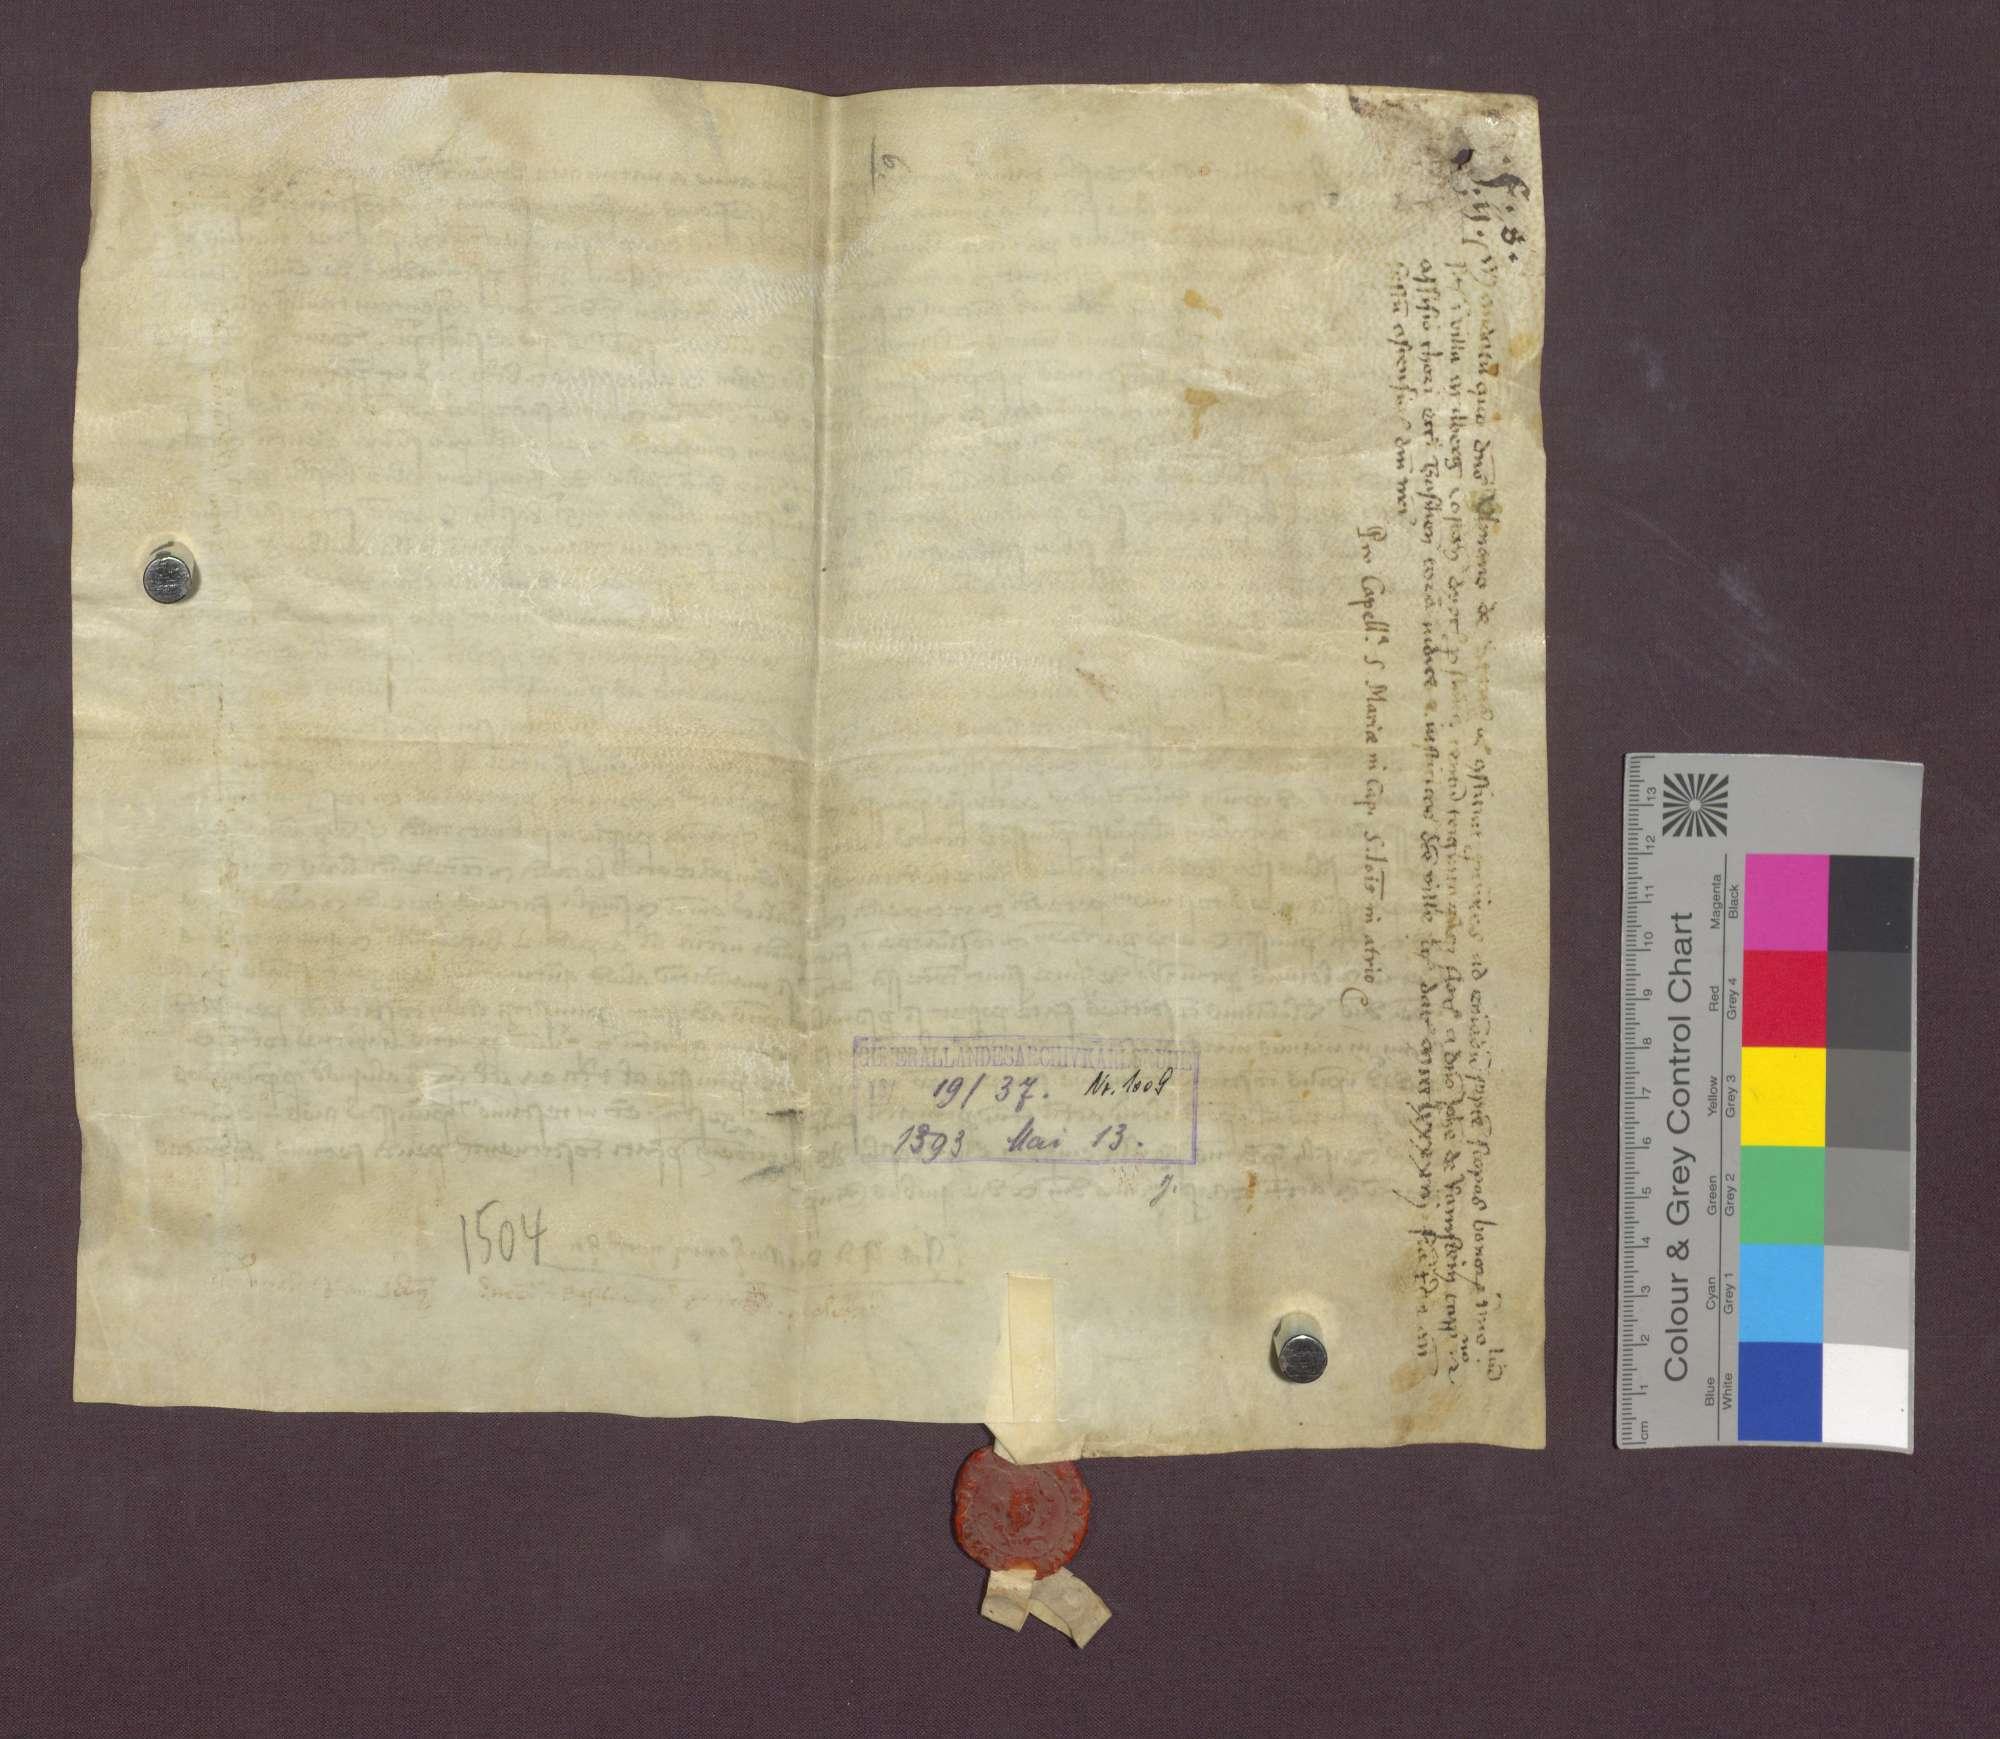 Ulmann von Stans beauftragt Johannes von Ramstein, 7 Schupposen in Maulburg für sich, den Inhaber des Johannes-Baptist-Altars in Basel, zu kaufen., Bild 3